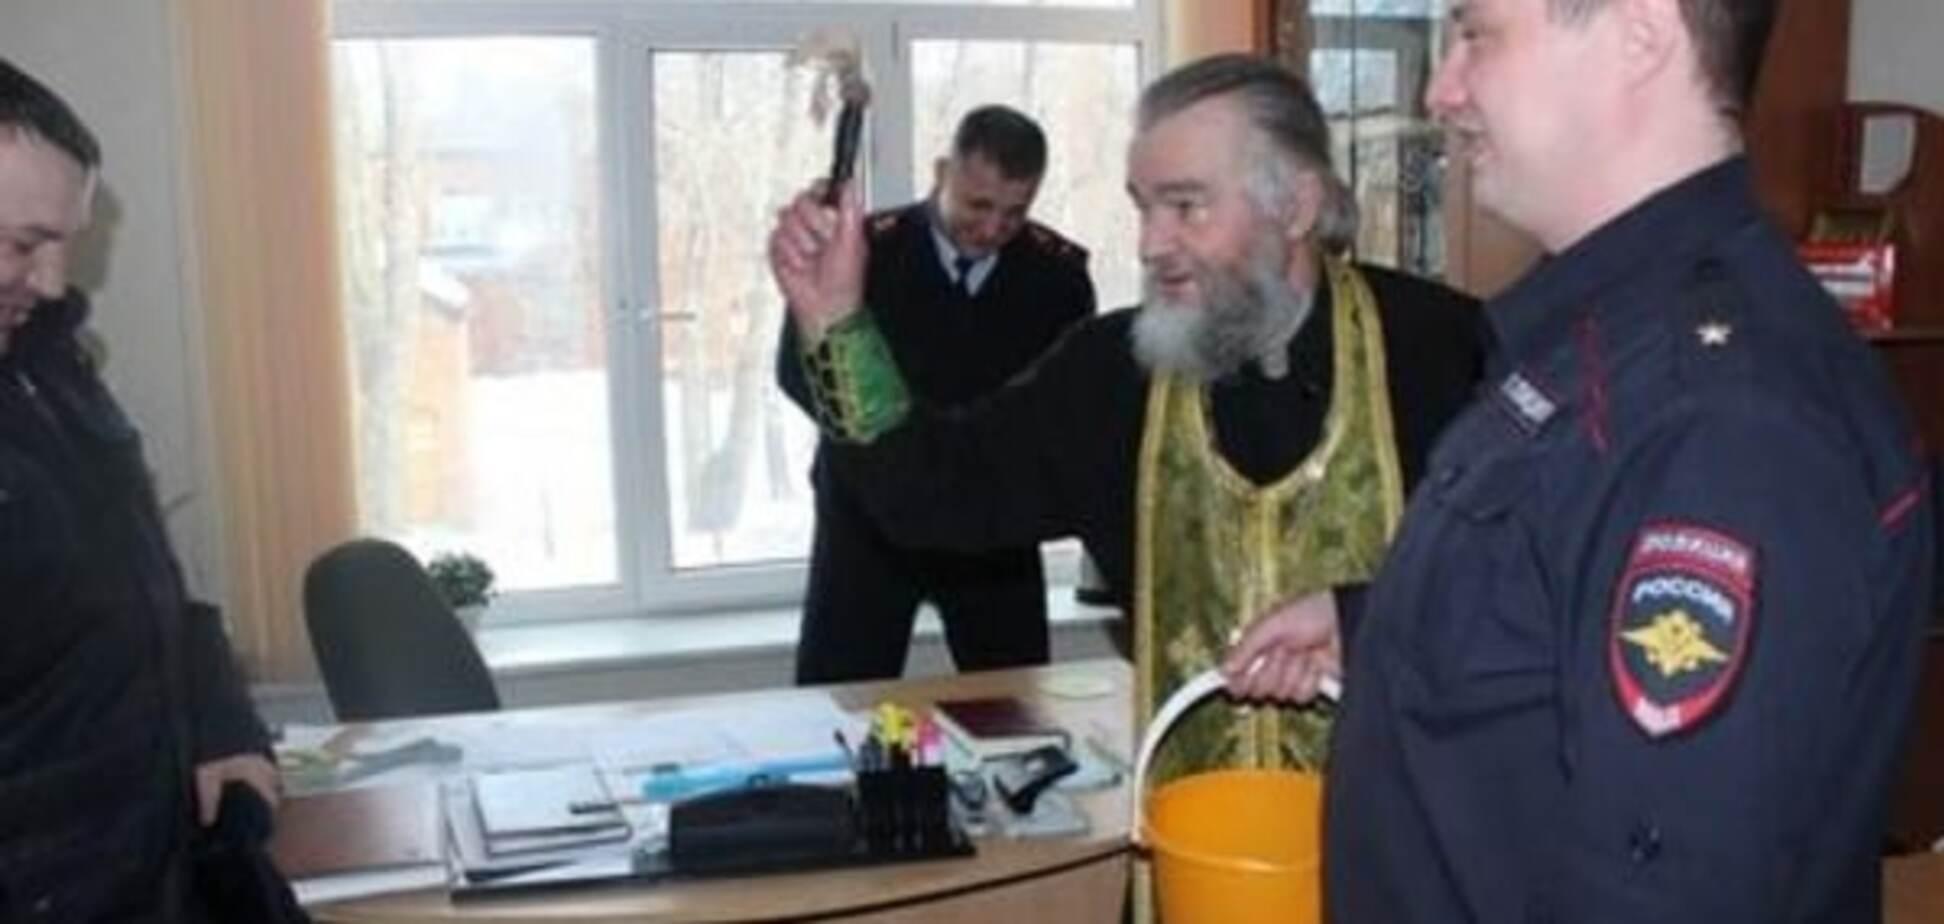 Православное безумие: в России поп в полиции 'изгонял нечисть'. Опубликованы фото